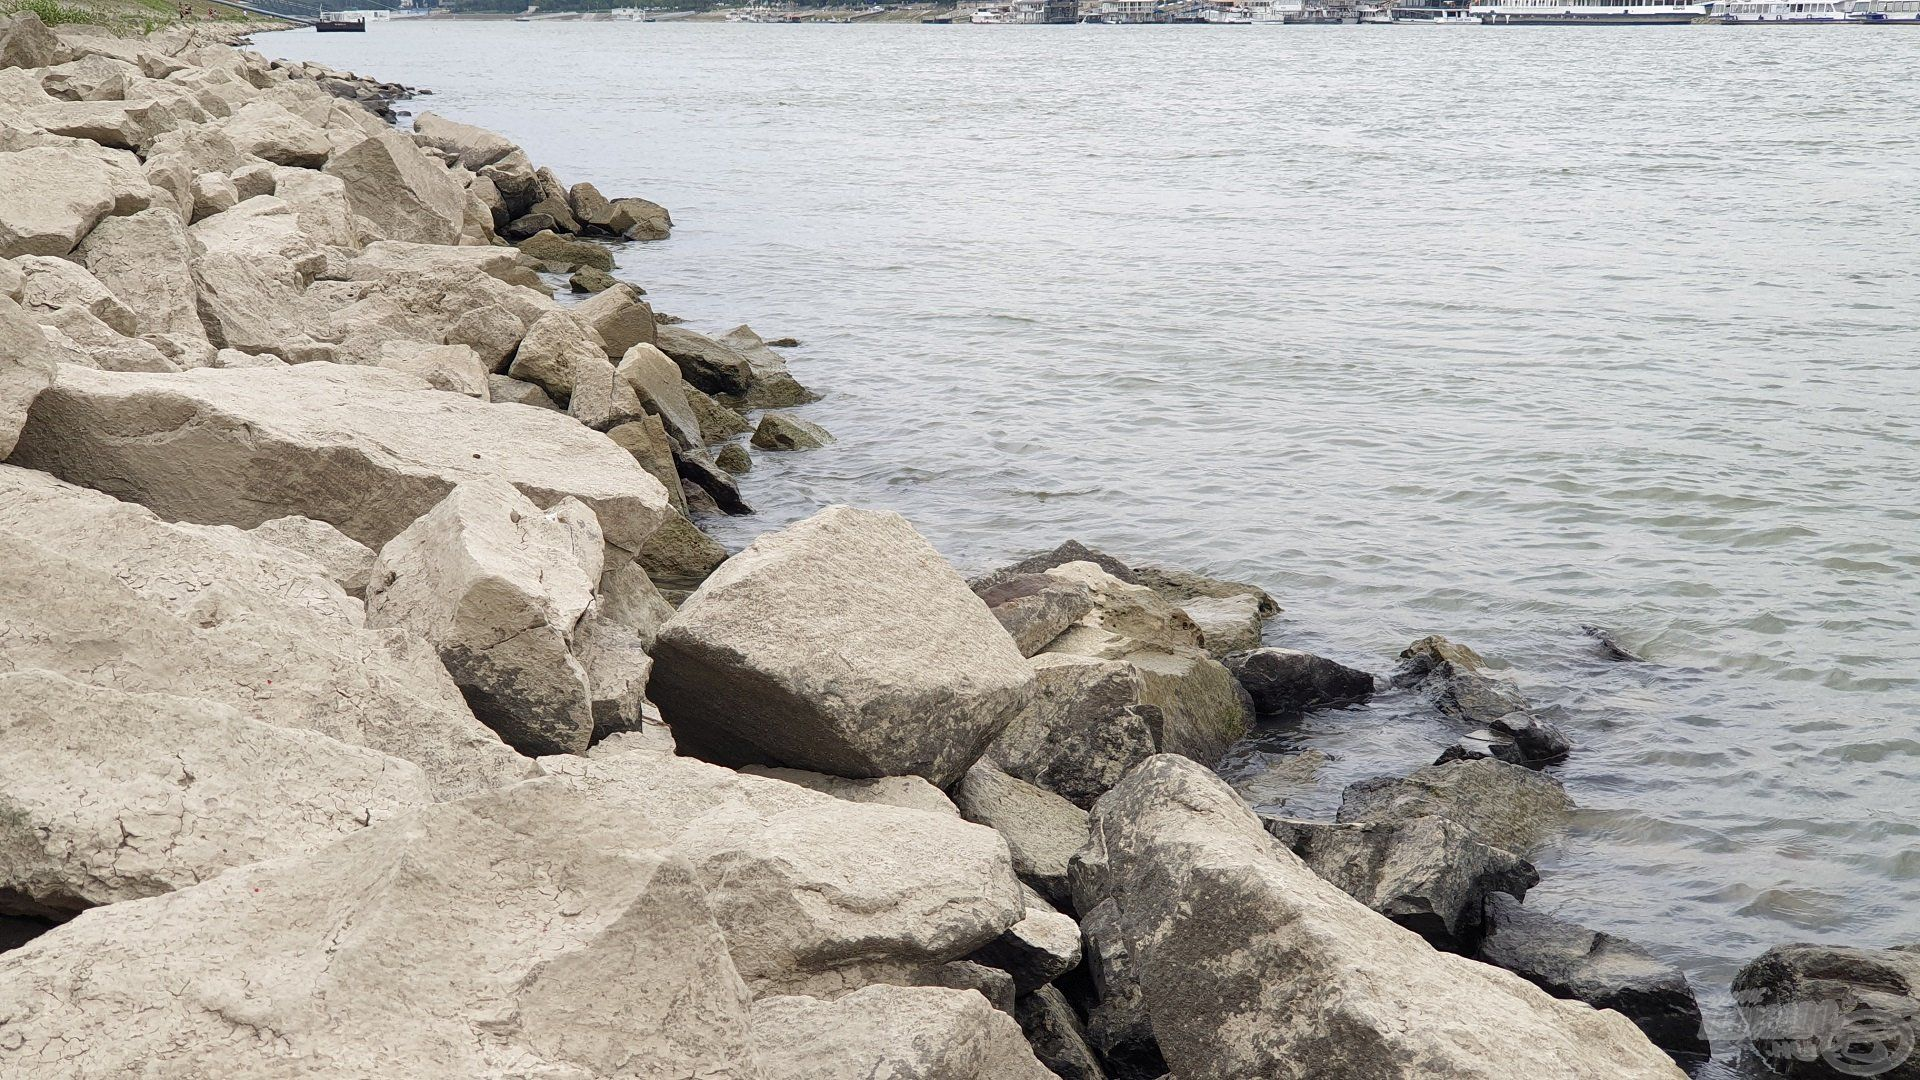 Hatalmas kövek övezik a Duna partját, amerre csak a szem ellát